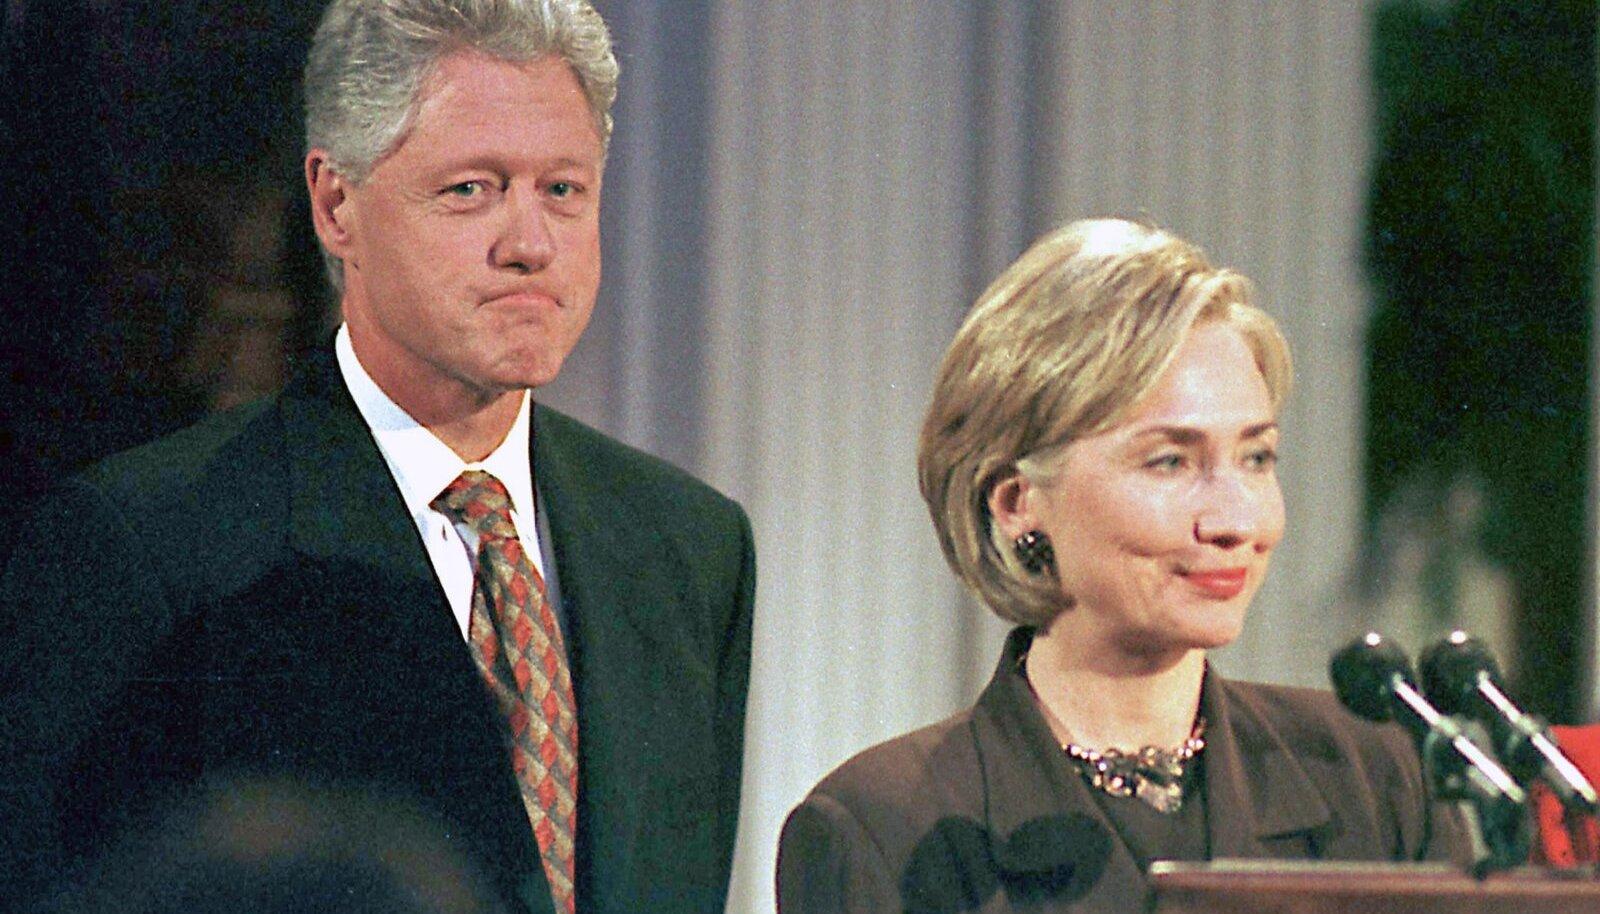 USA president Bill Clinton koos abikaasa Hillaryga 1998. aastal. Järgmise aasta algul mõistis USA senat Bill Clintoni õigeks ja ta jätkas presidendi ametis.